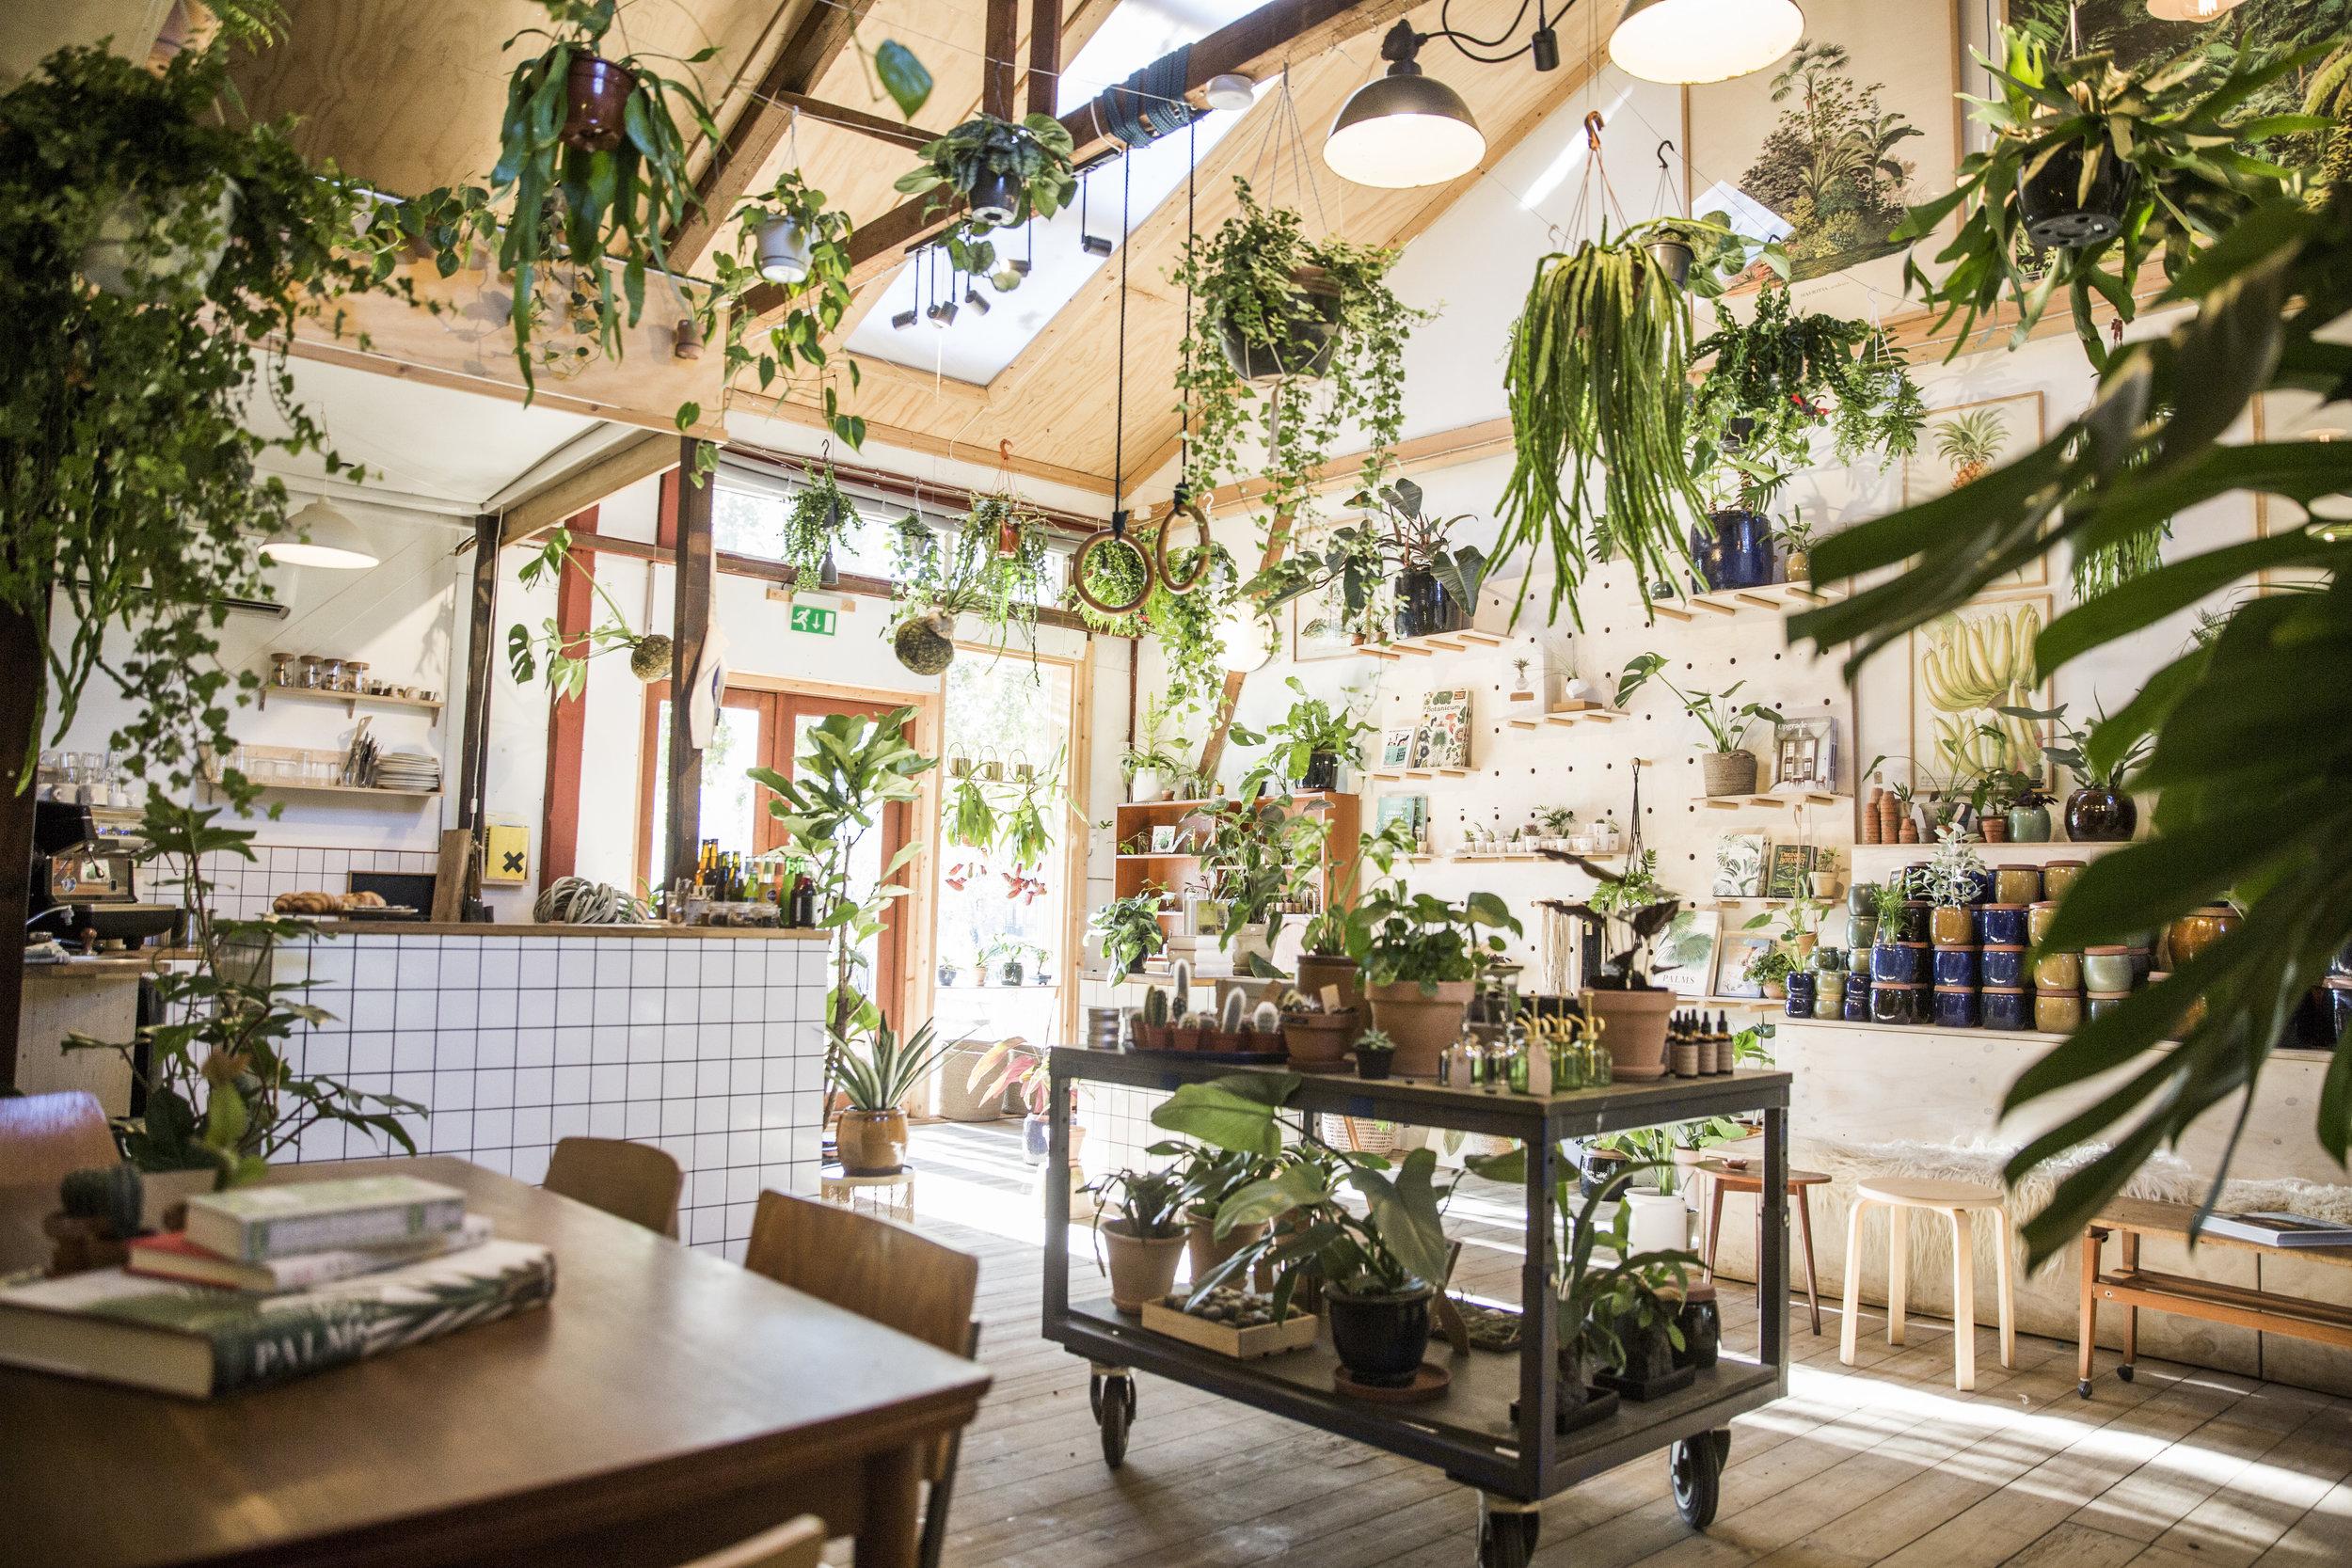 plantecaféen - Plantecaféen er vores butik, showroom og café.Indsæt beskrivende tekst.Learn more ➝